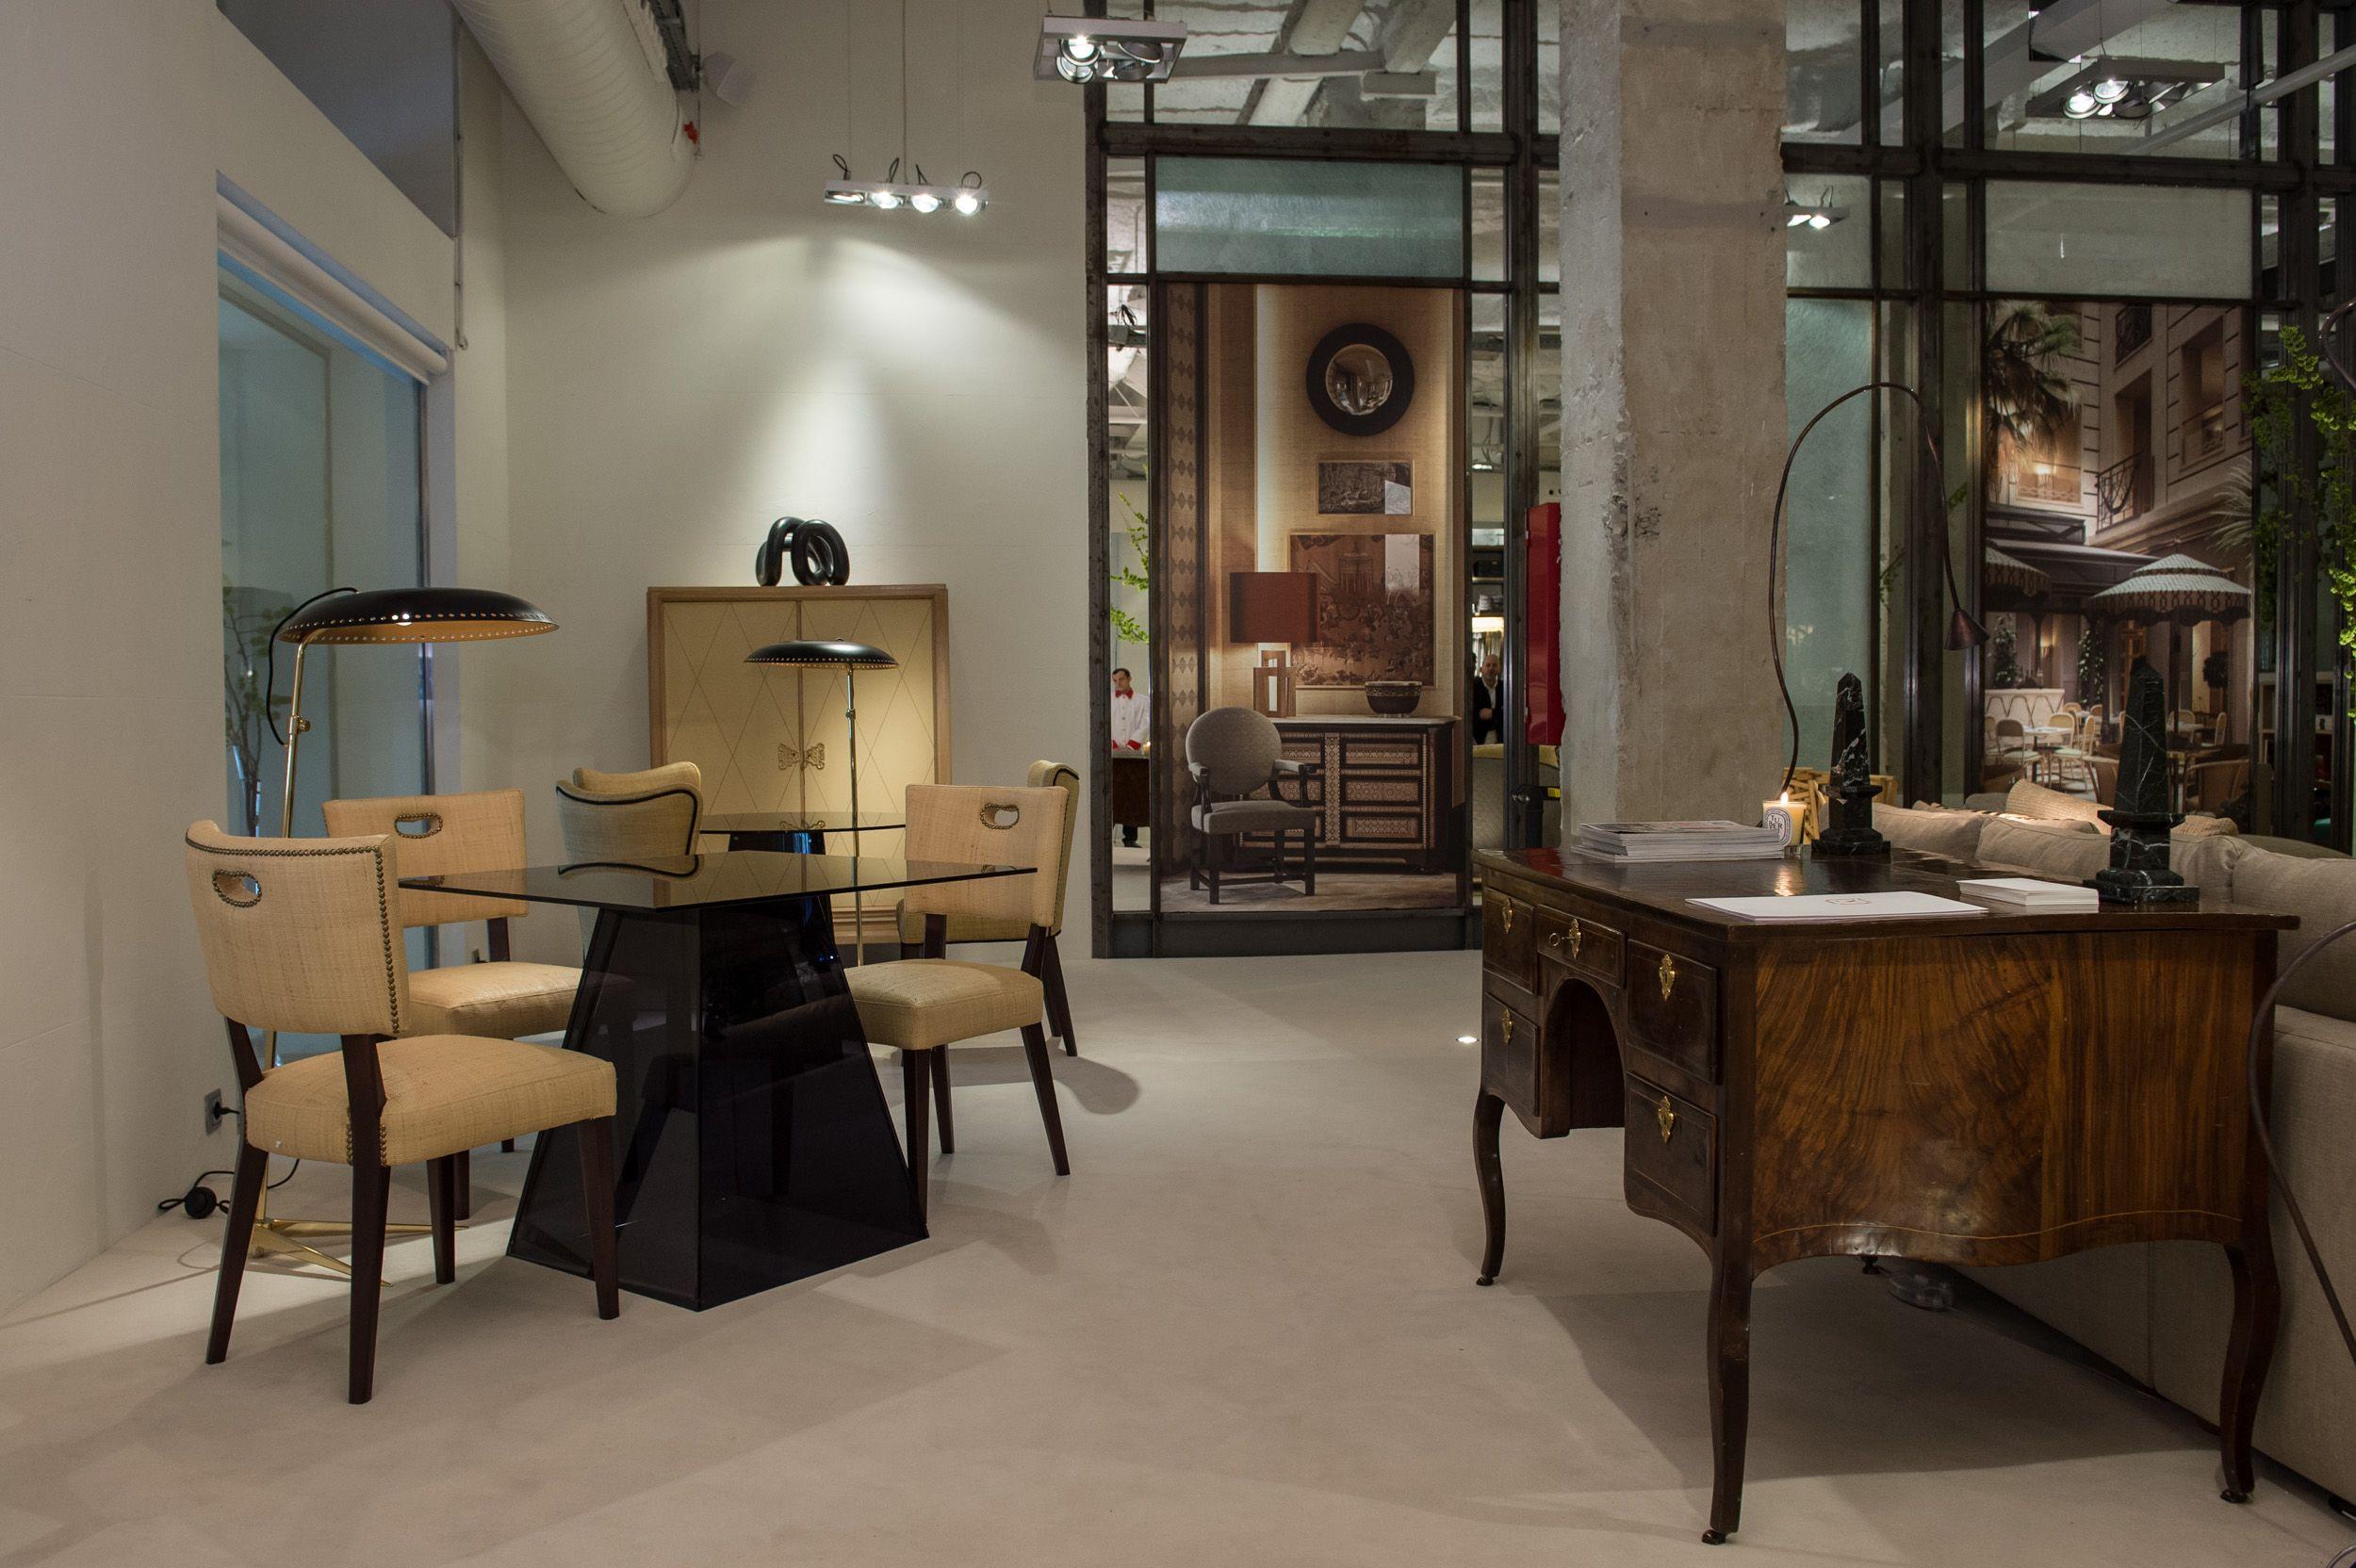 Pascuaortega Estudioy Vanguardia Decoraci N Interiorismo  # Muebles Vanguardia